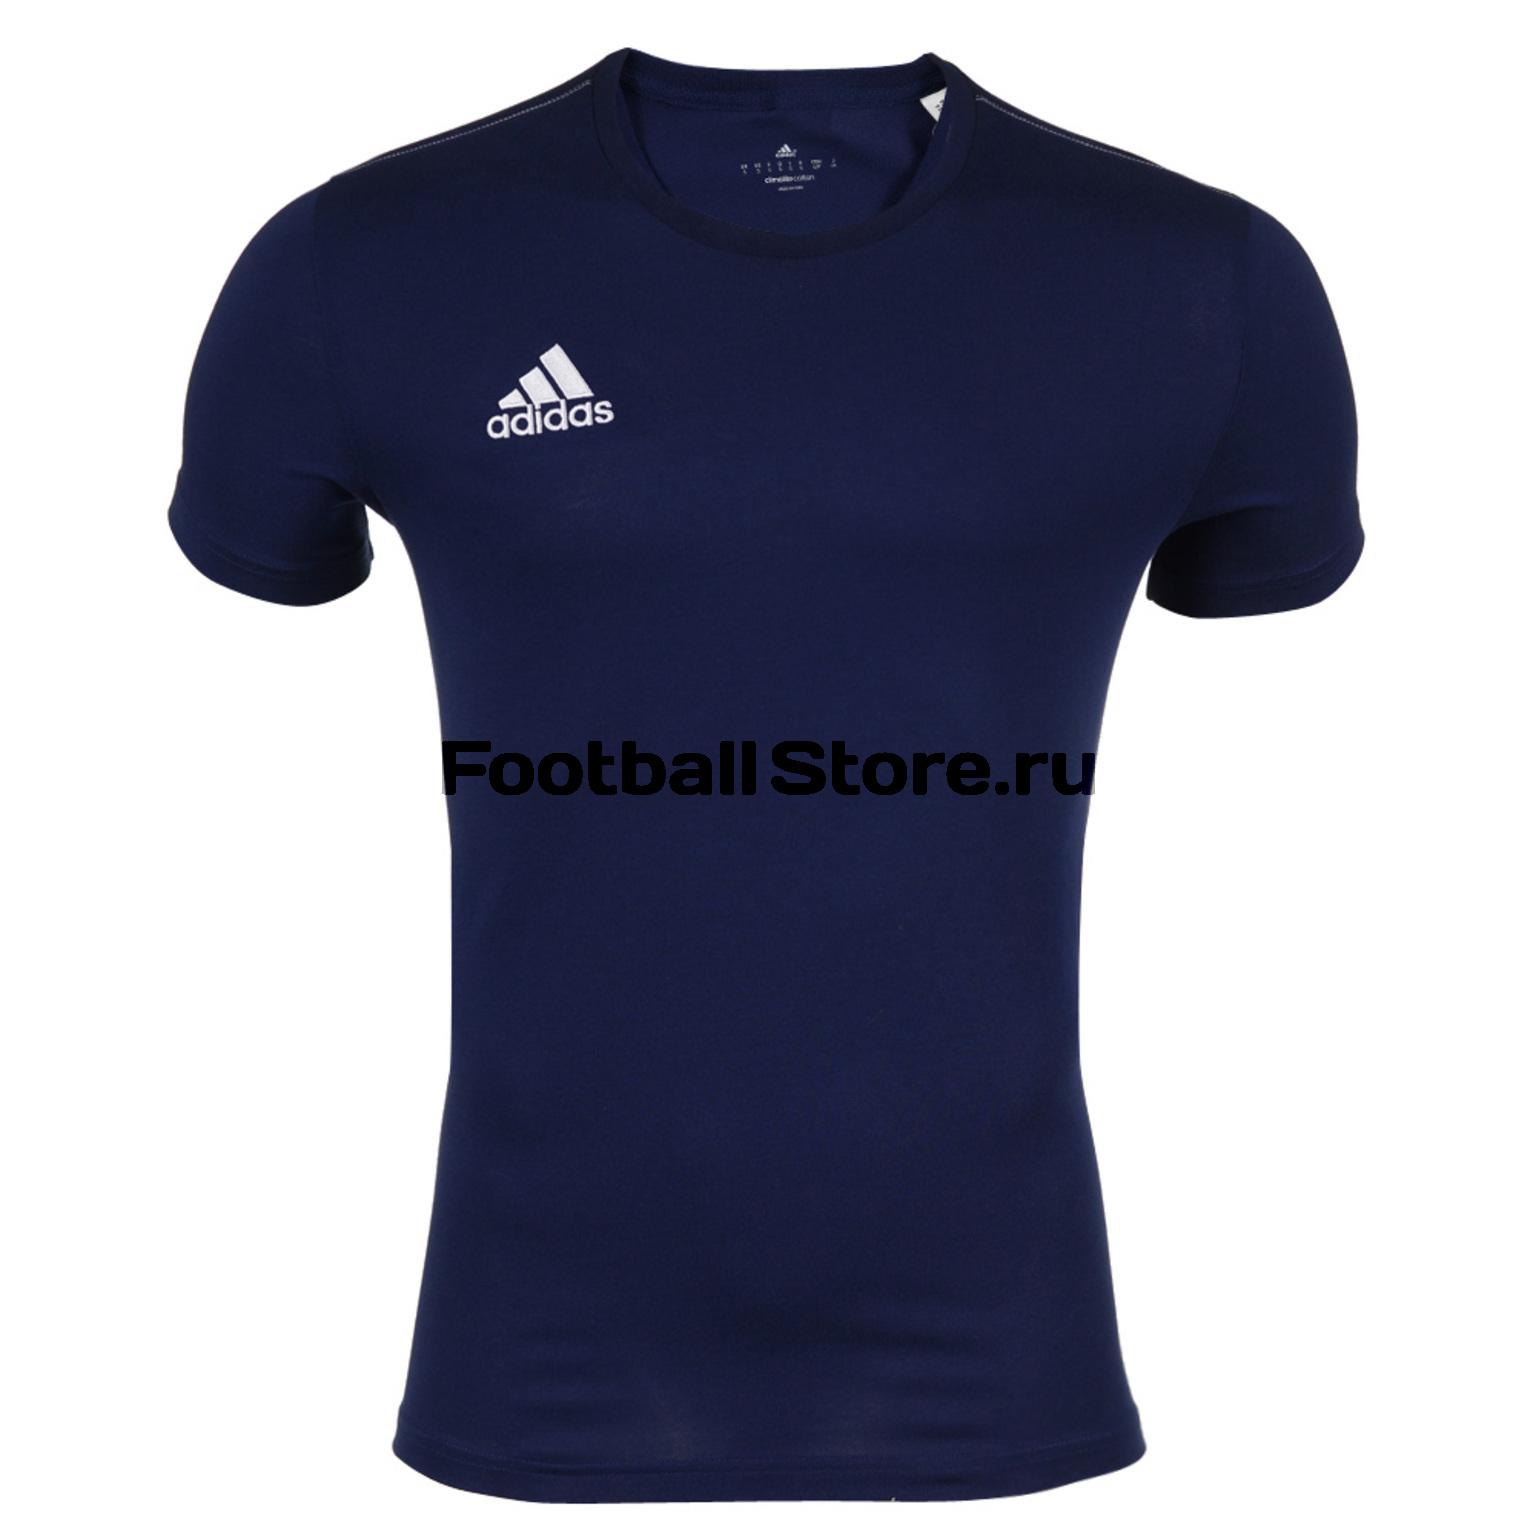 Футболка Adidas Coref Tee S22384